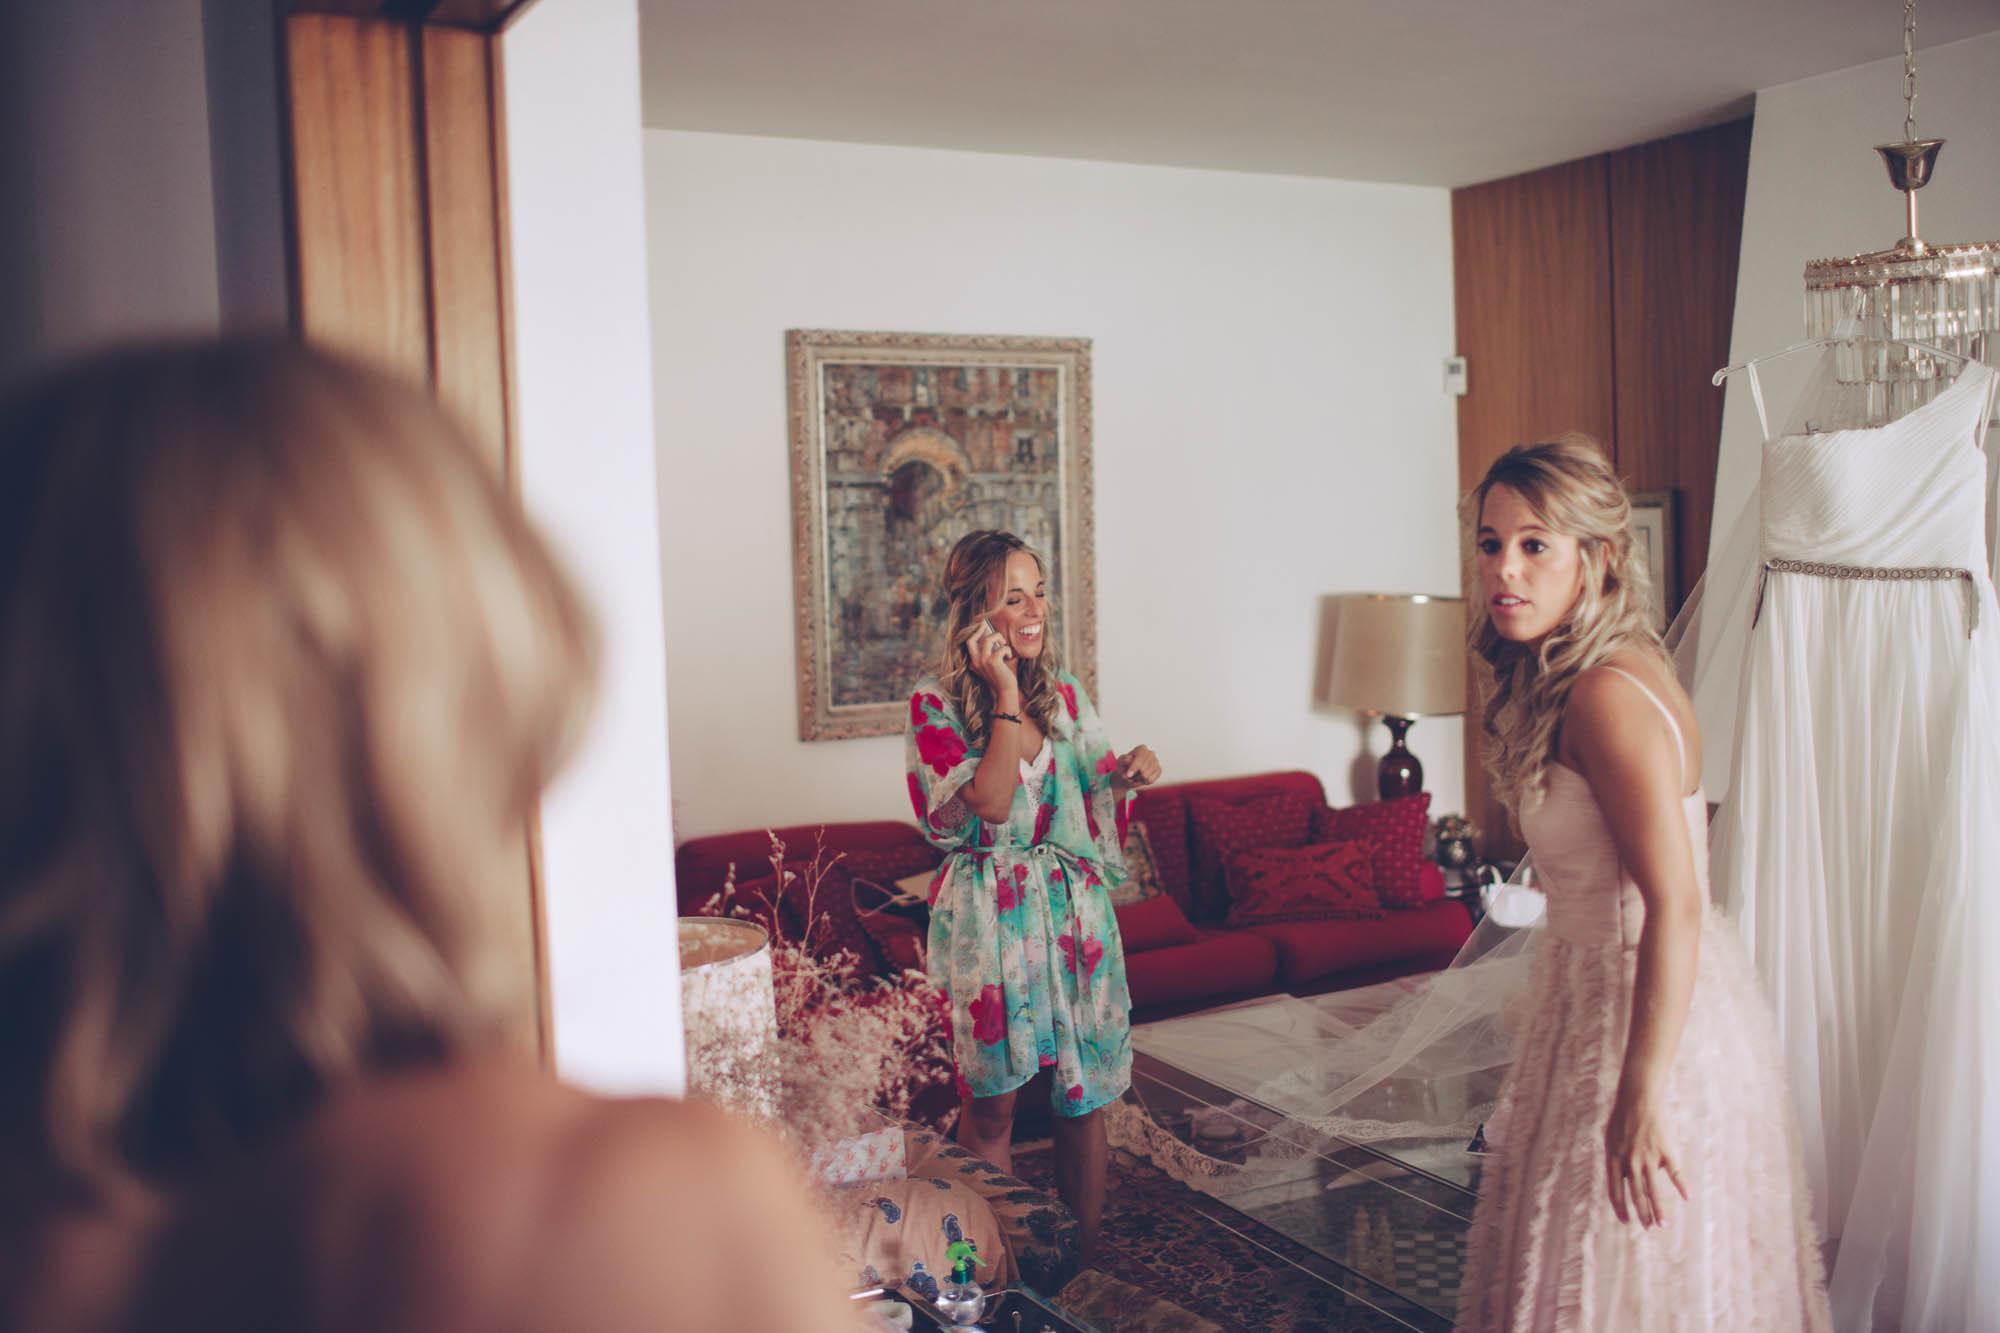 La novia hablando por teléfono